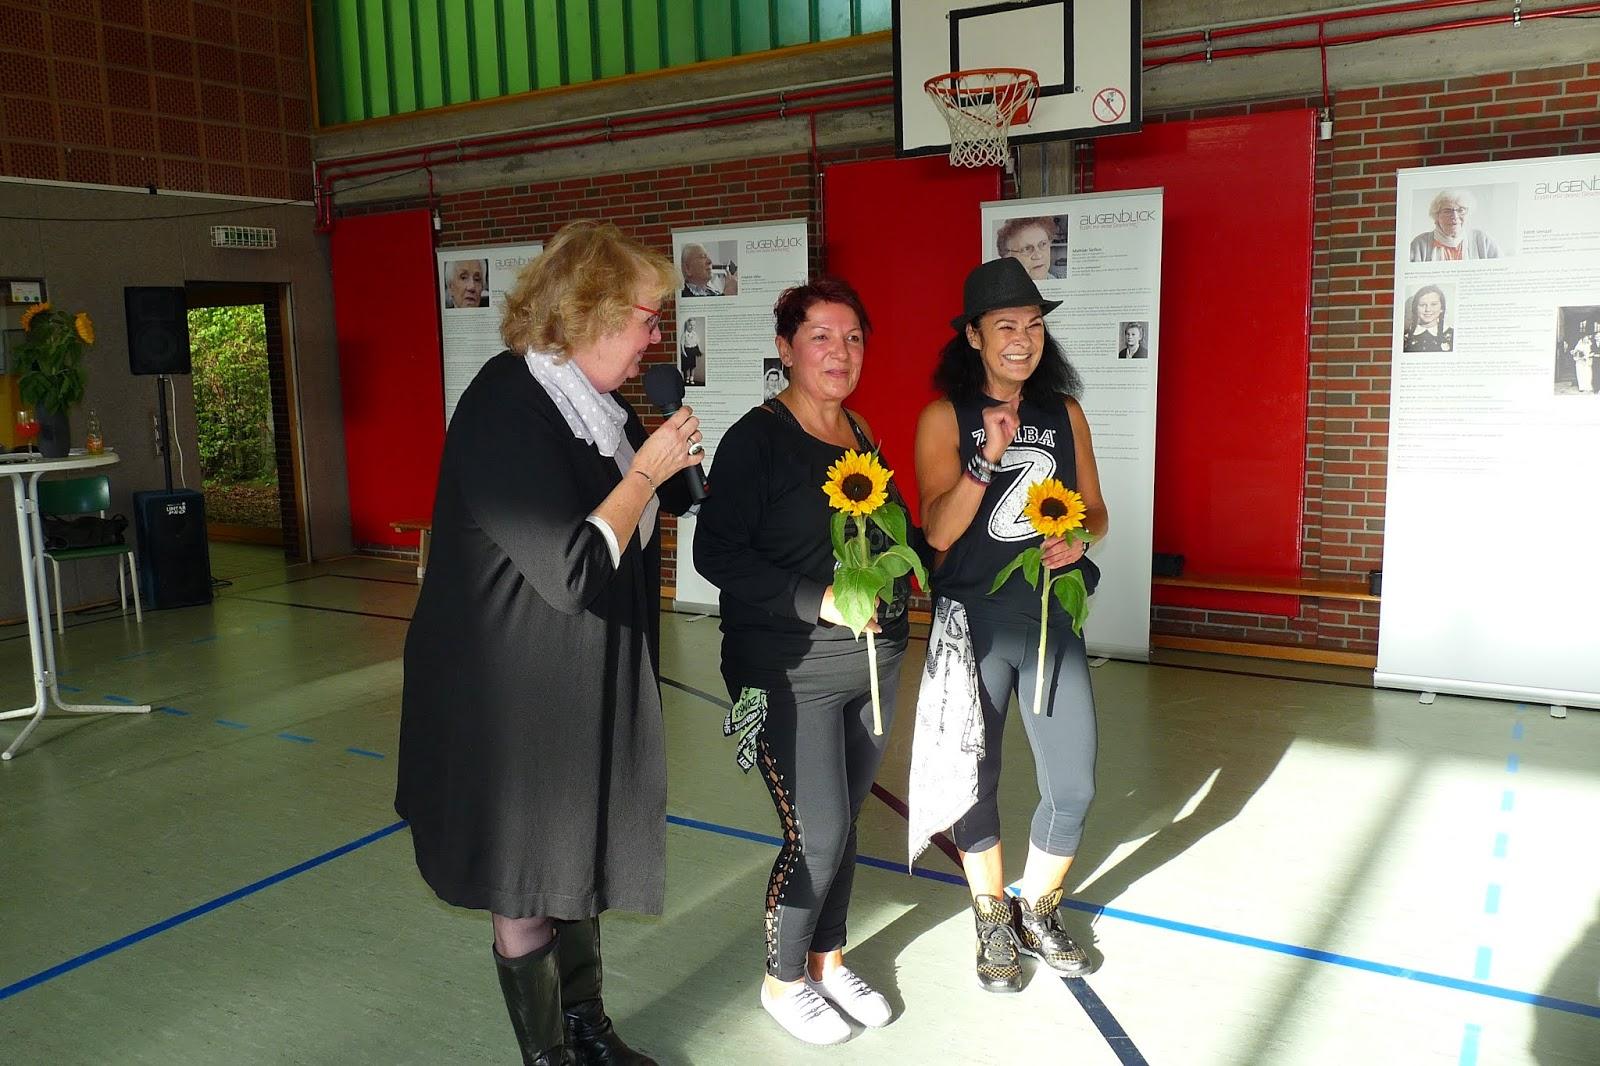 Manuela, Carmen und Ayse-  Quelle: Hans-Jürgen Adams - Wiesmoor Info Blogspot